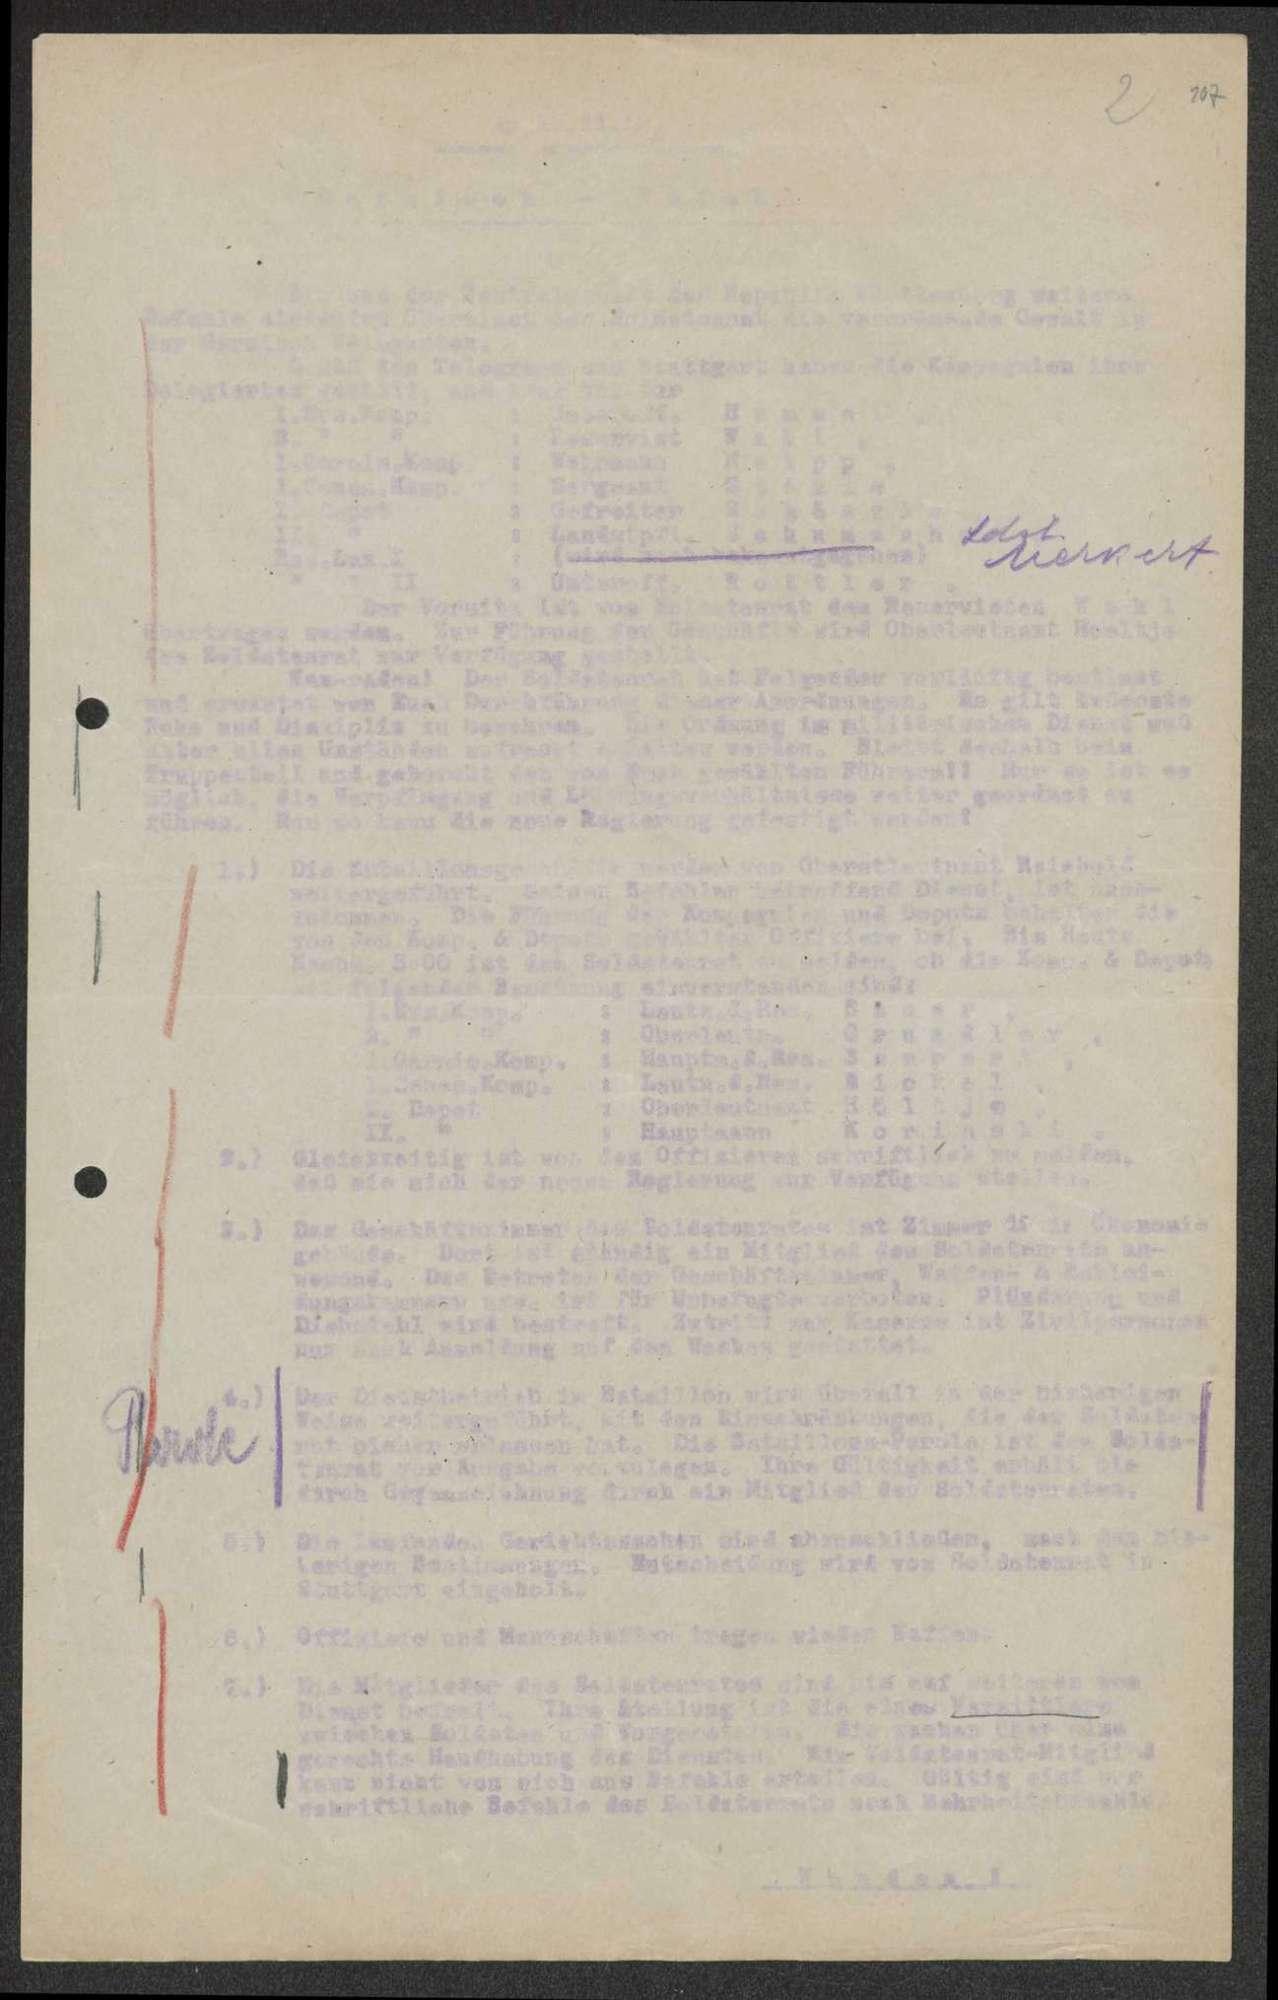 Regiments-, Garnisons- und Bataillonsbefehle, Bild 3